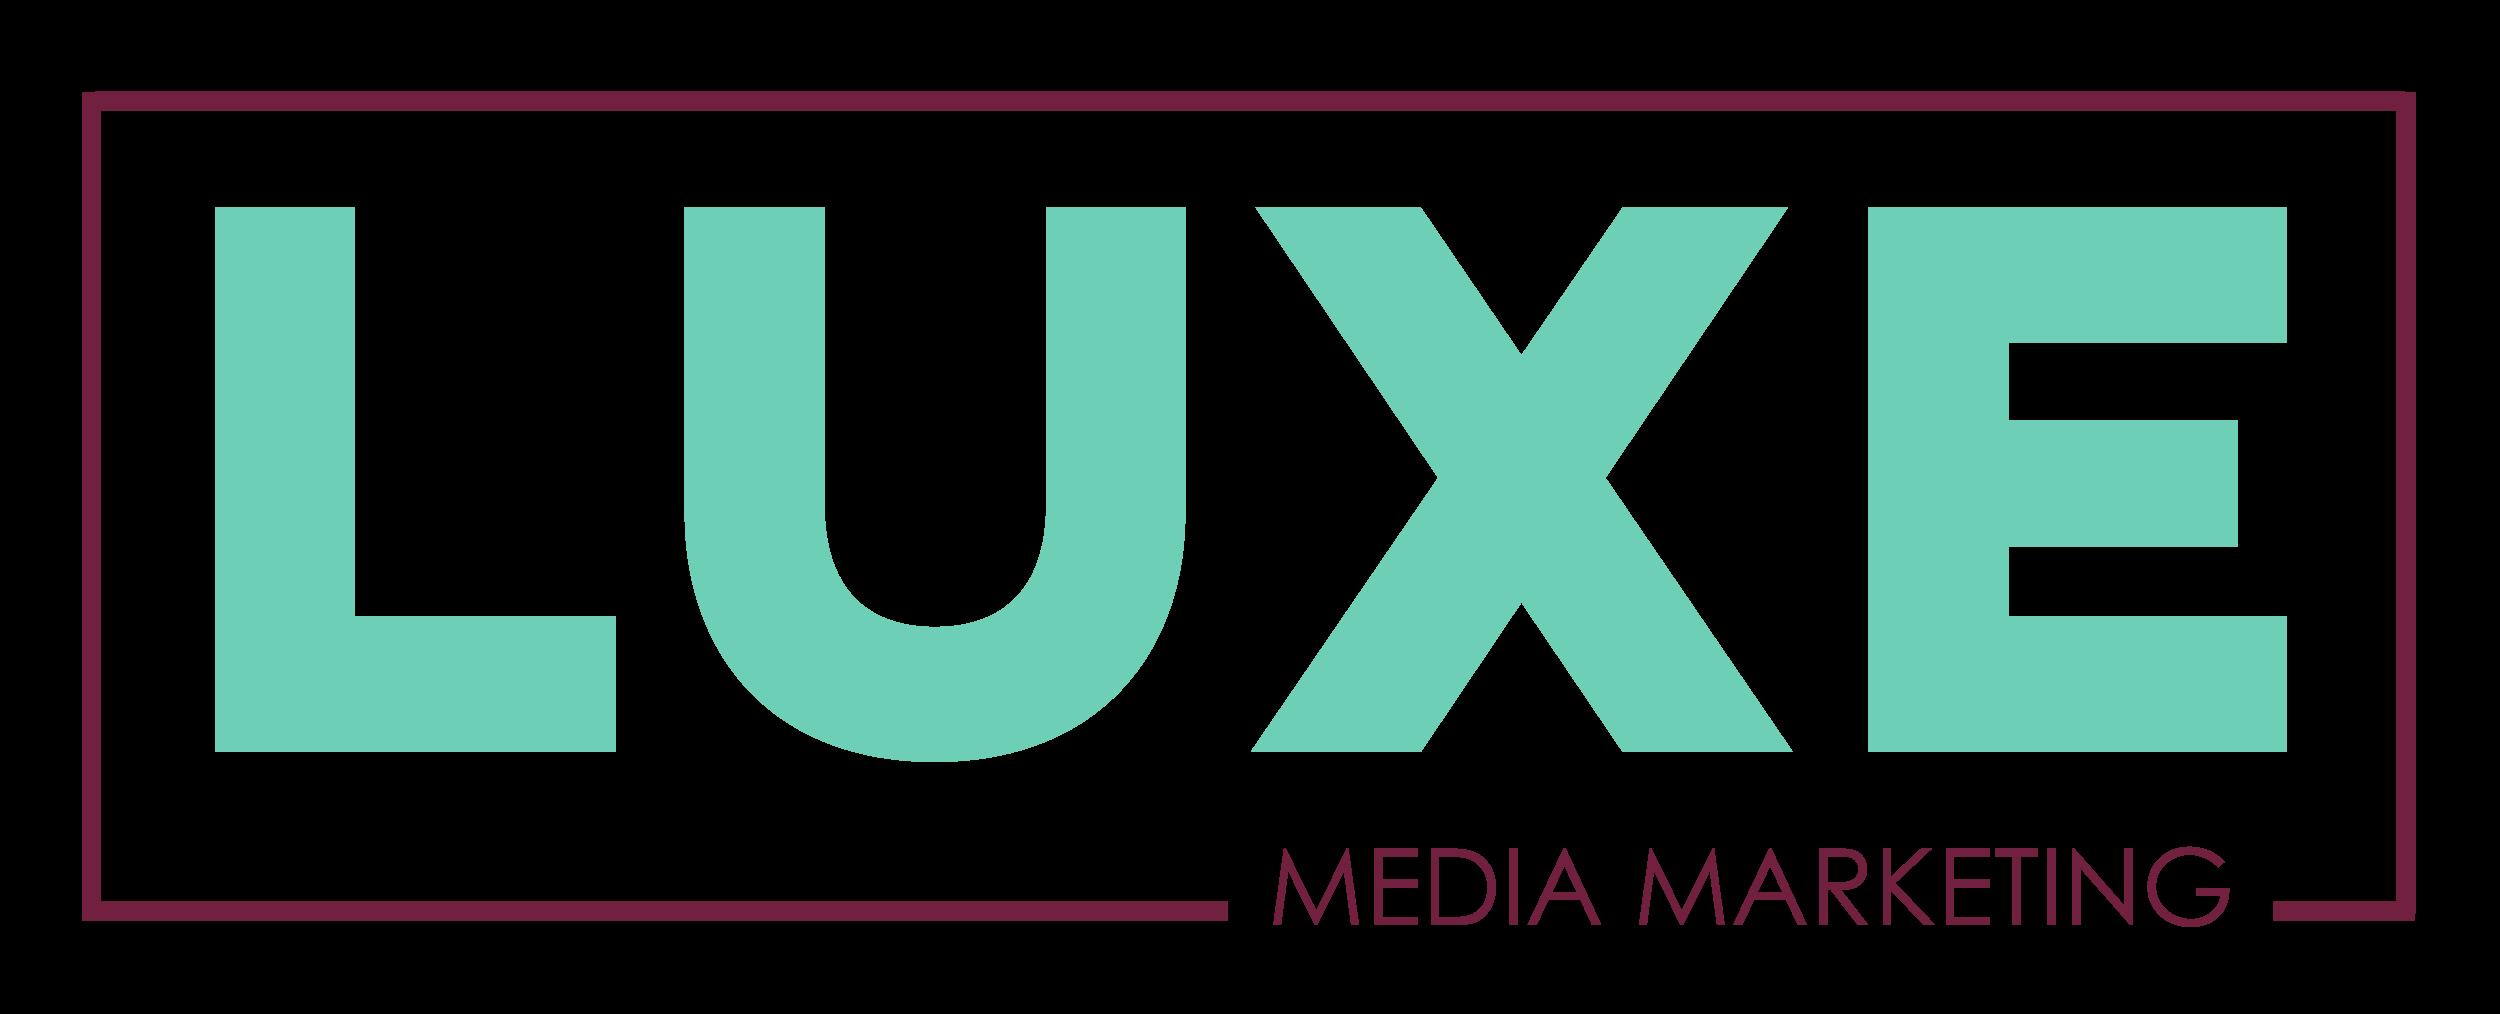 Luxe Media Marketing - Southwest Florida Marketing Agency